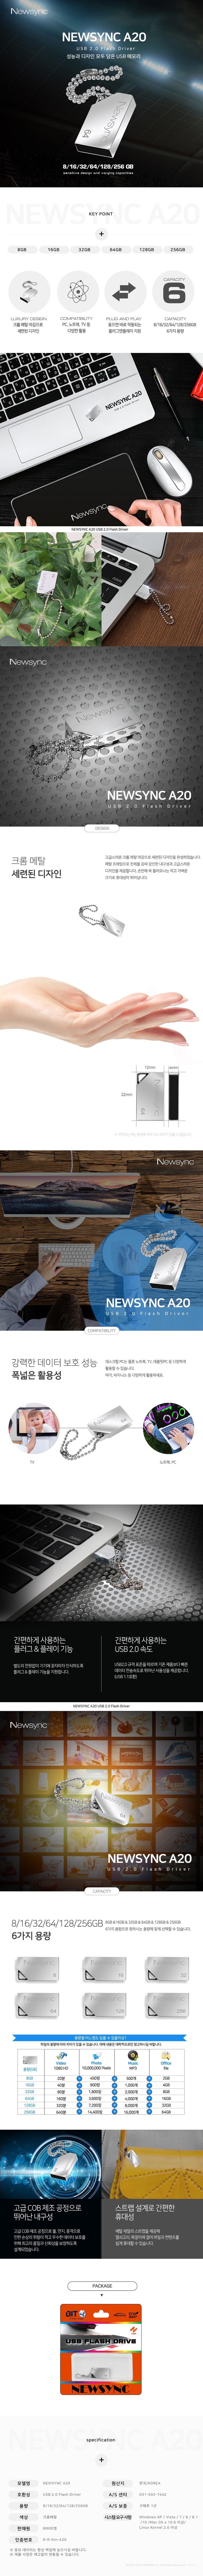 비트엠 Newsync A20(16GB)